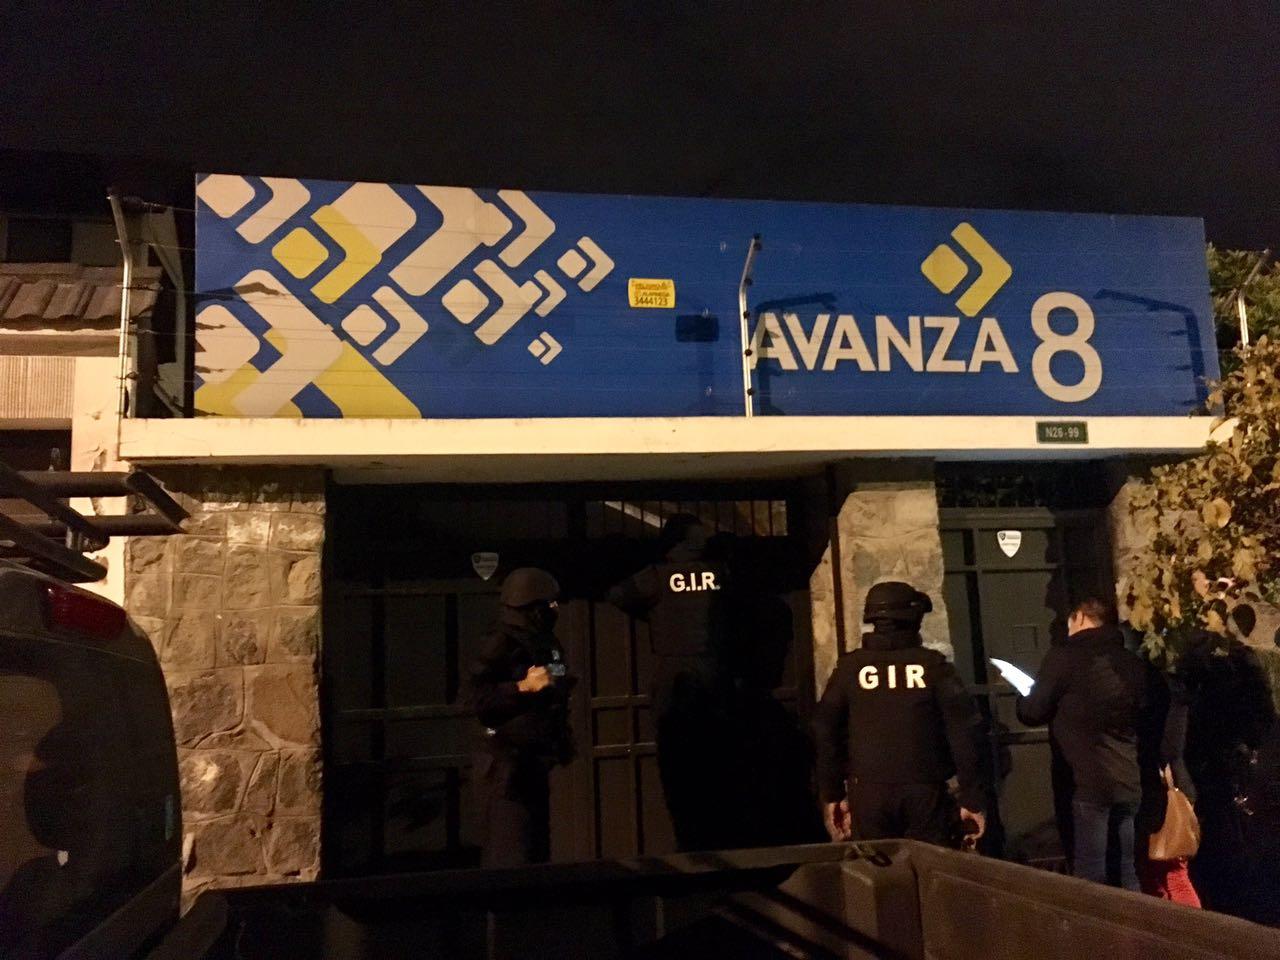 Fiscalía allana domicilio de Ramiro González y oficinas de movimiento Avanza